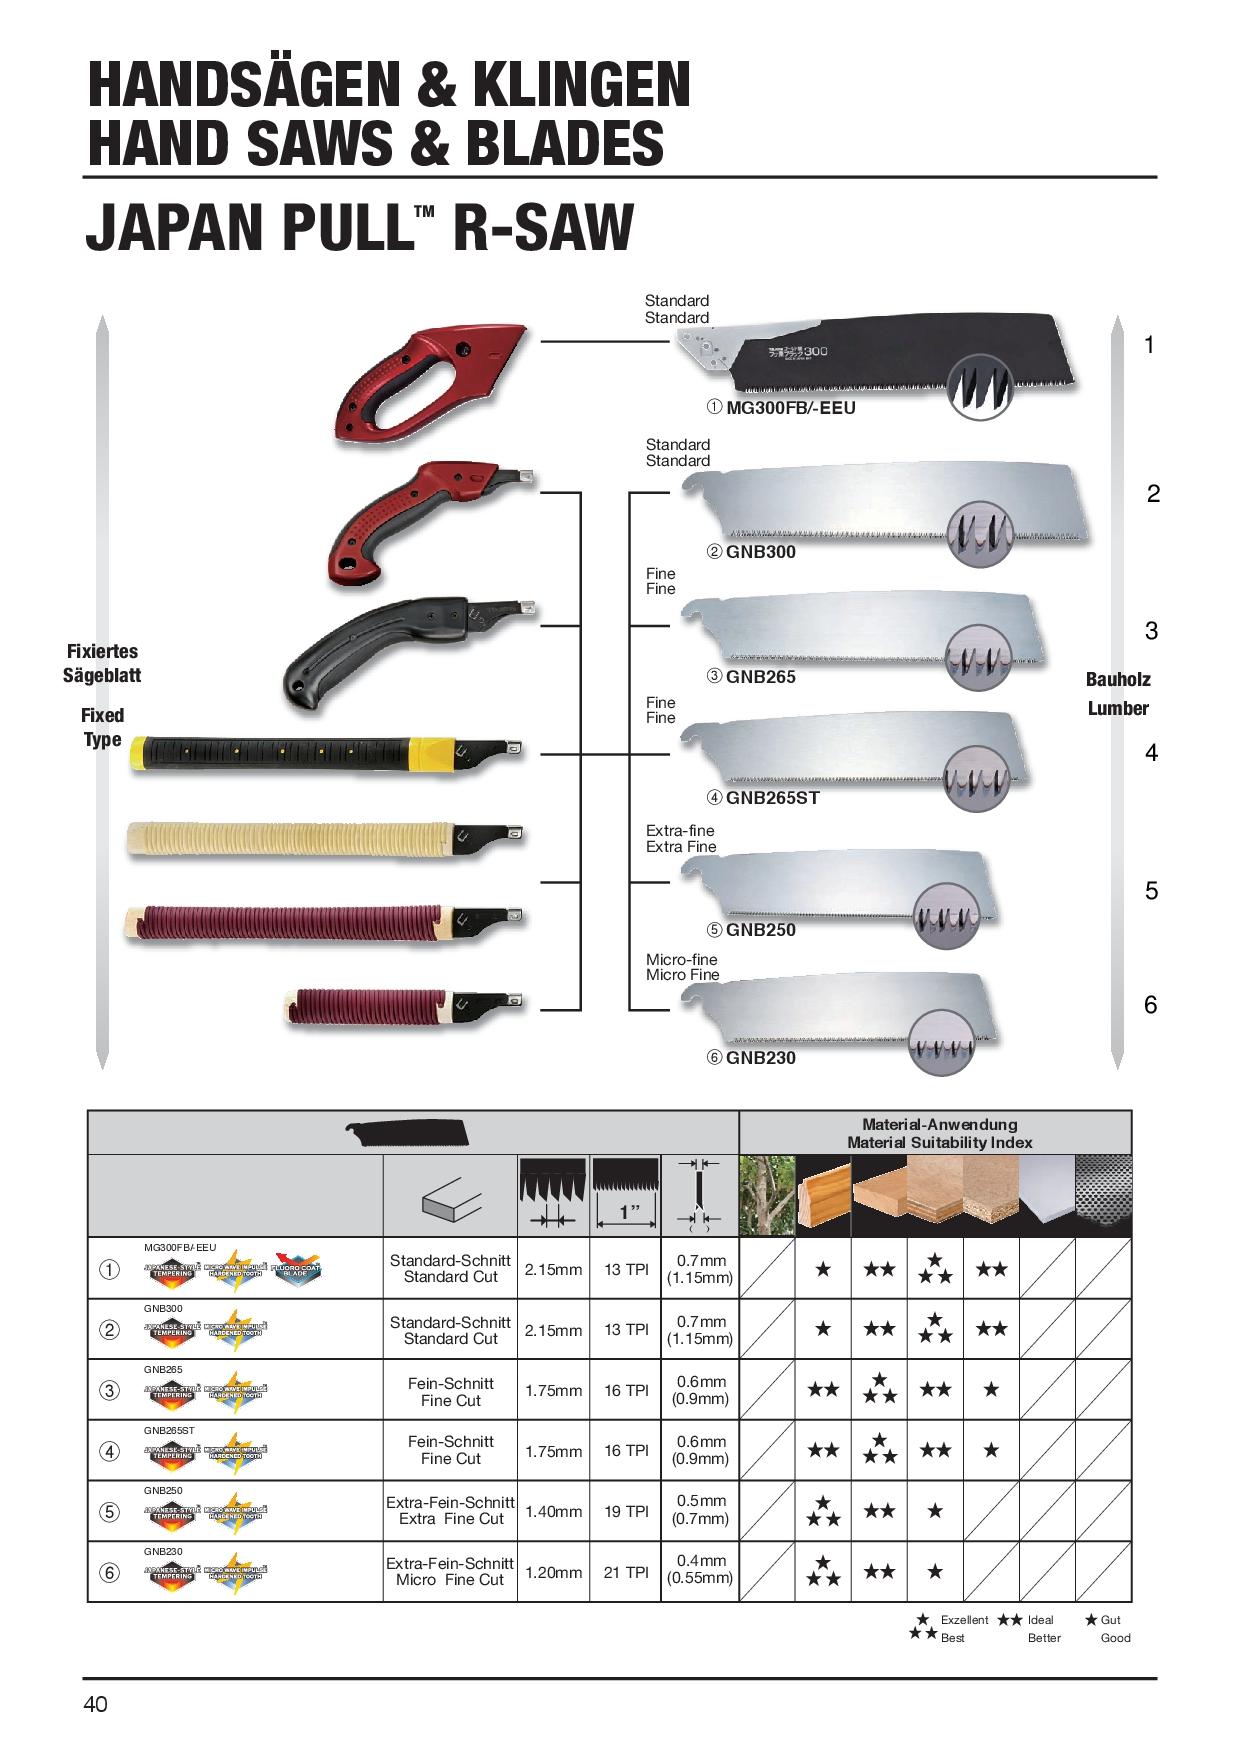 Pajarito Werkzeuge pajarito werkzeuge pajarito werkzeuge agptek mm cm digitaler